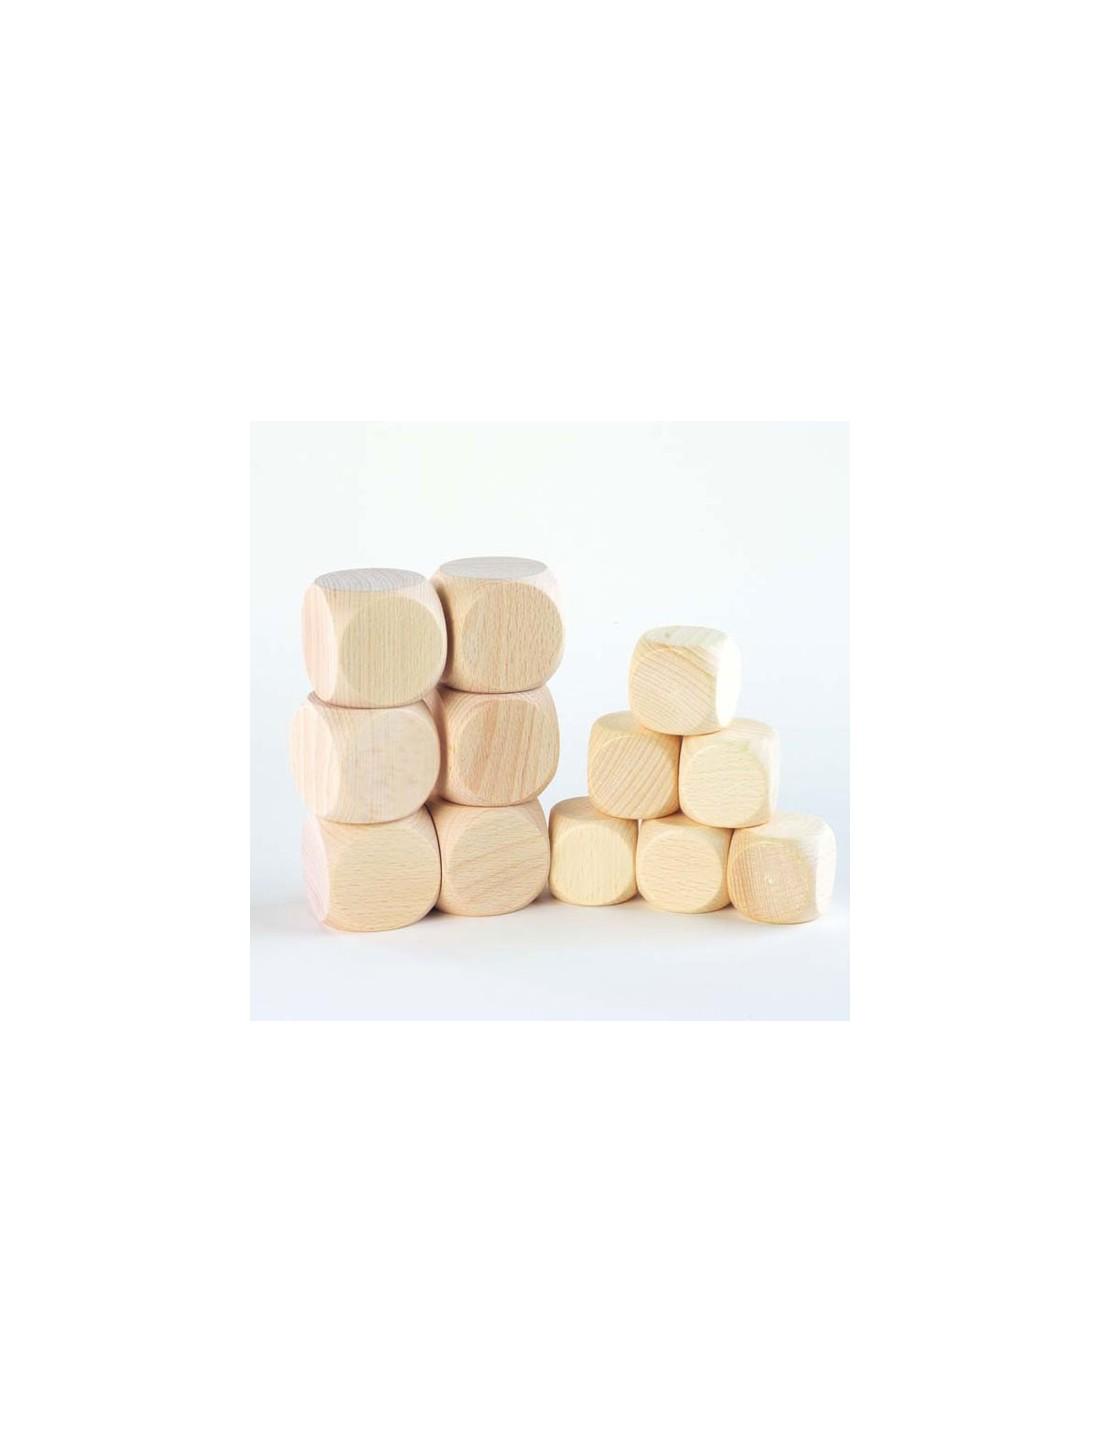 Cubos de madera natural. TickiT